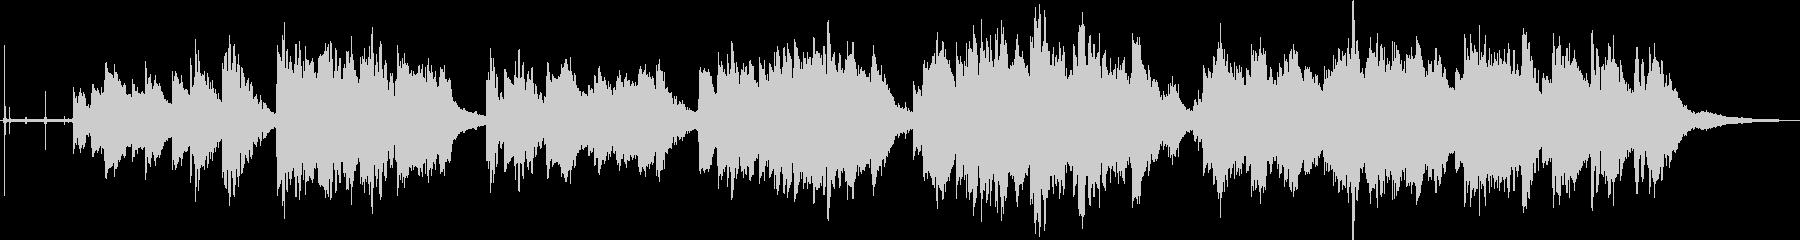 1870年スイスのオルゴール:「ウ...の未再生の波形